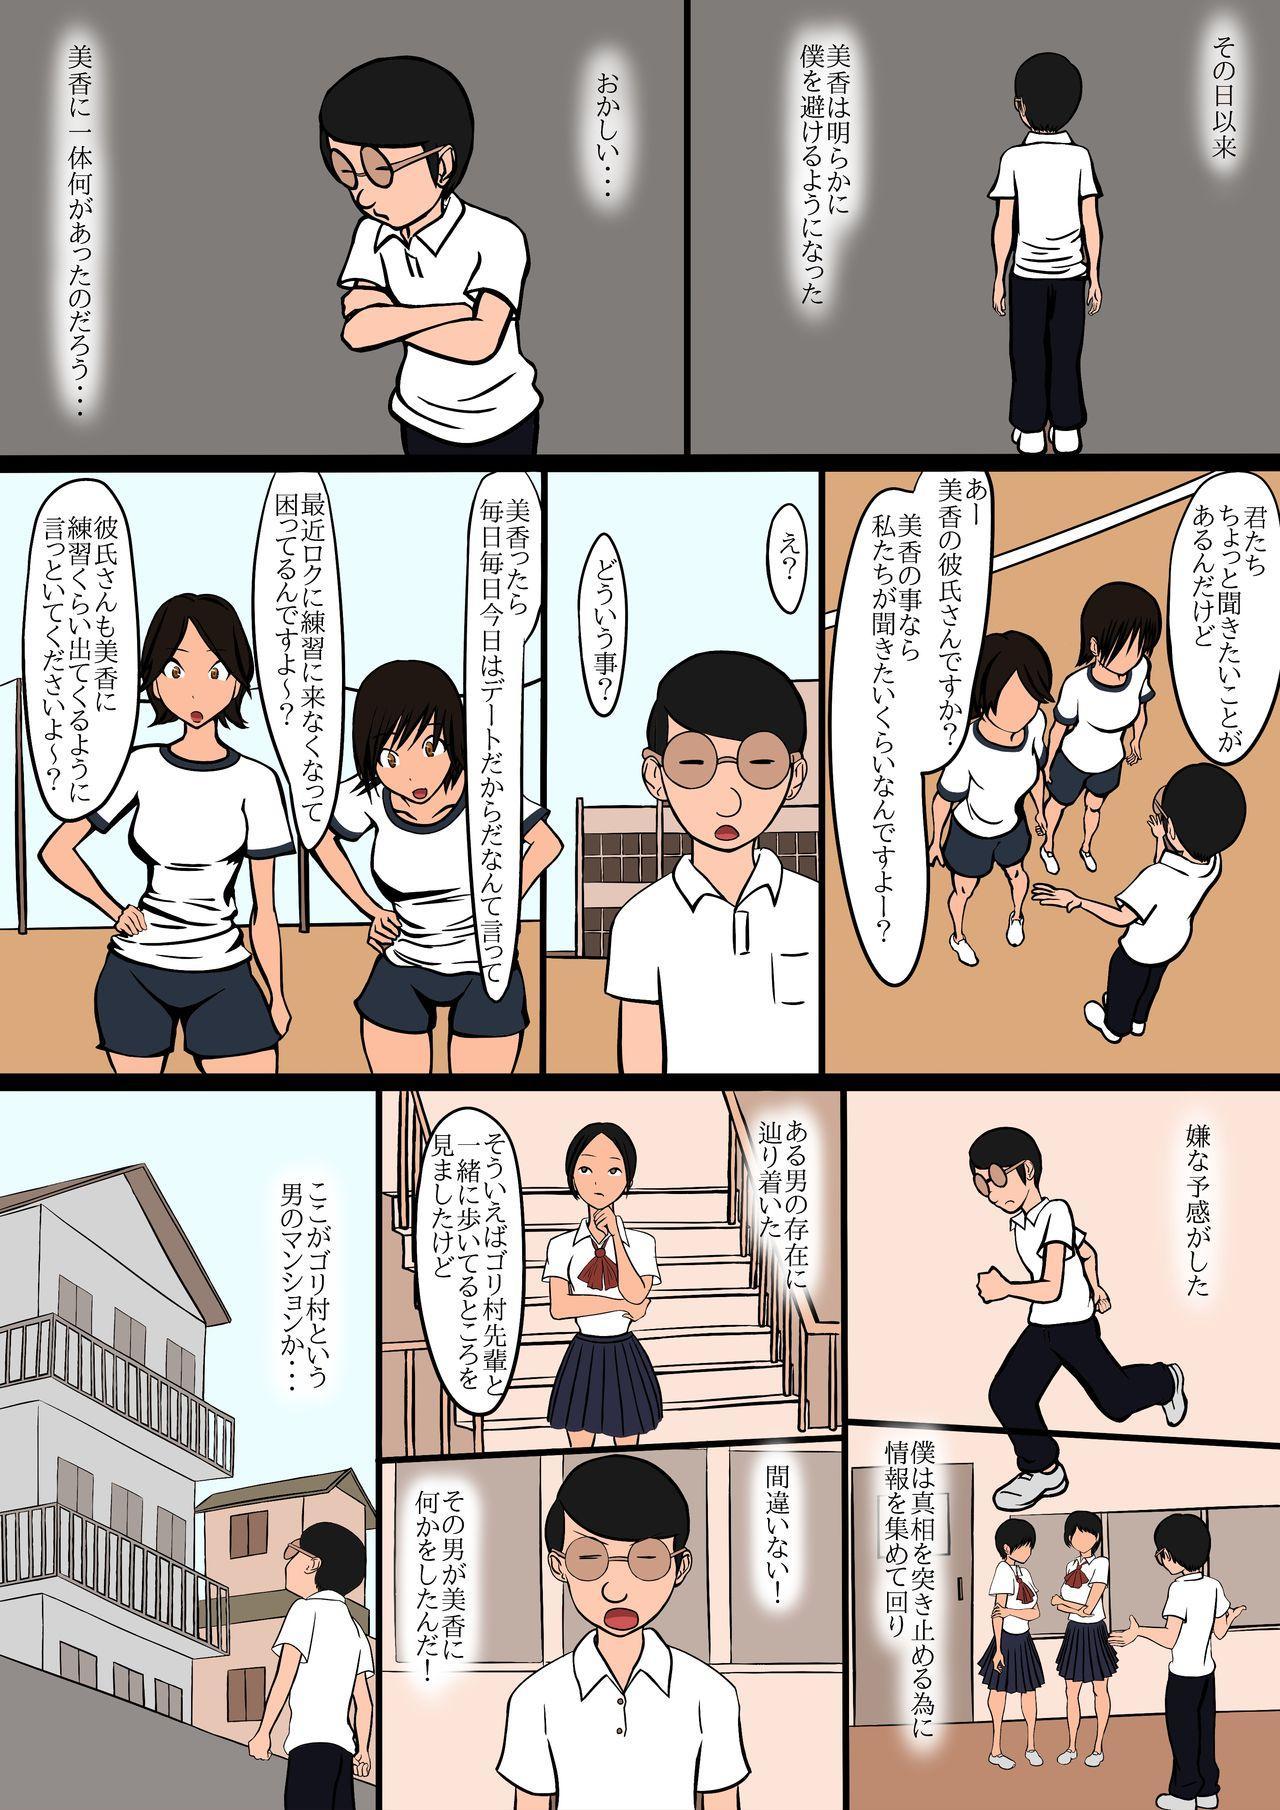 netorare furasshu bakku 23